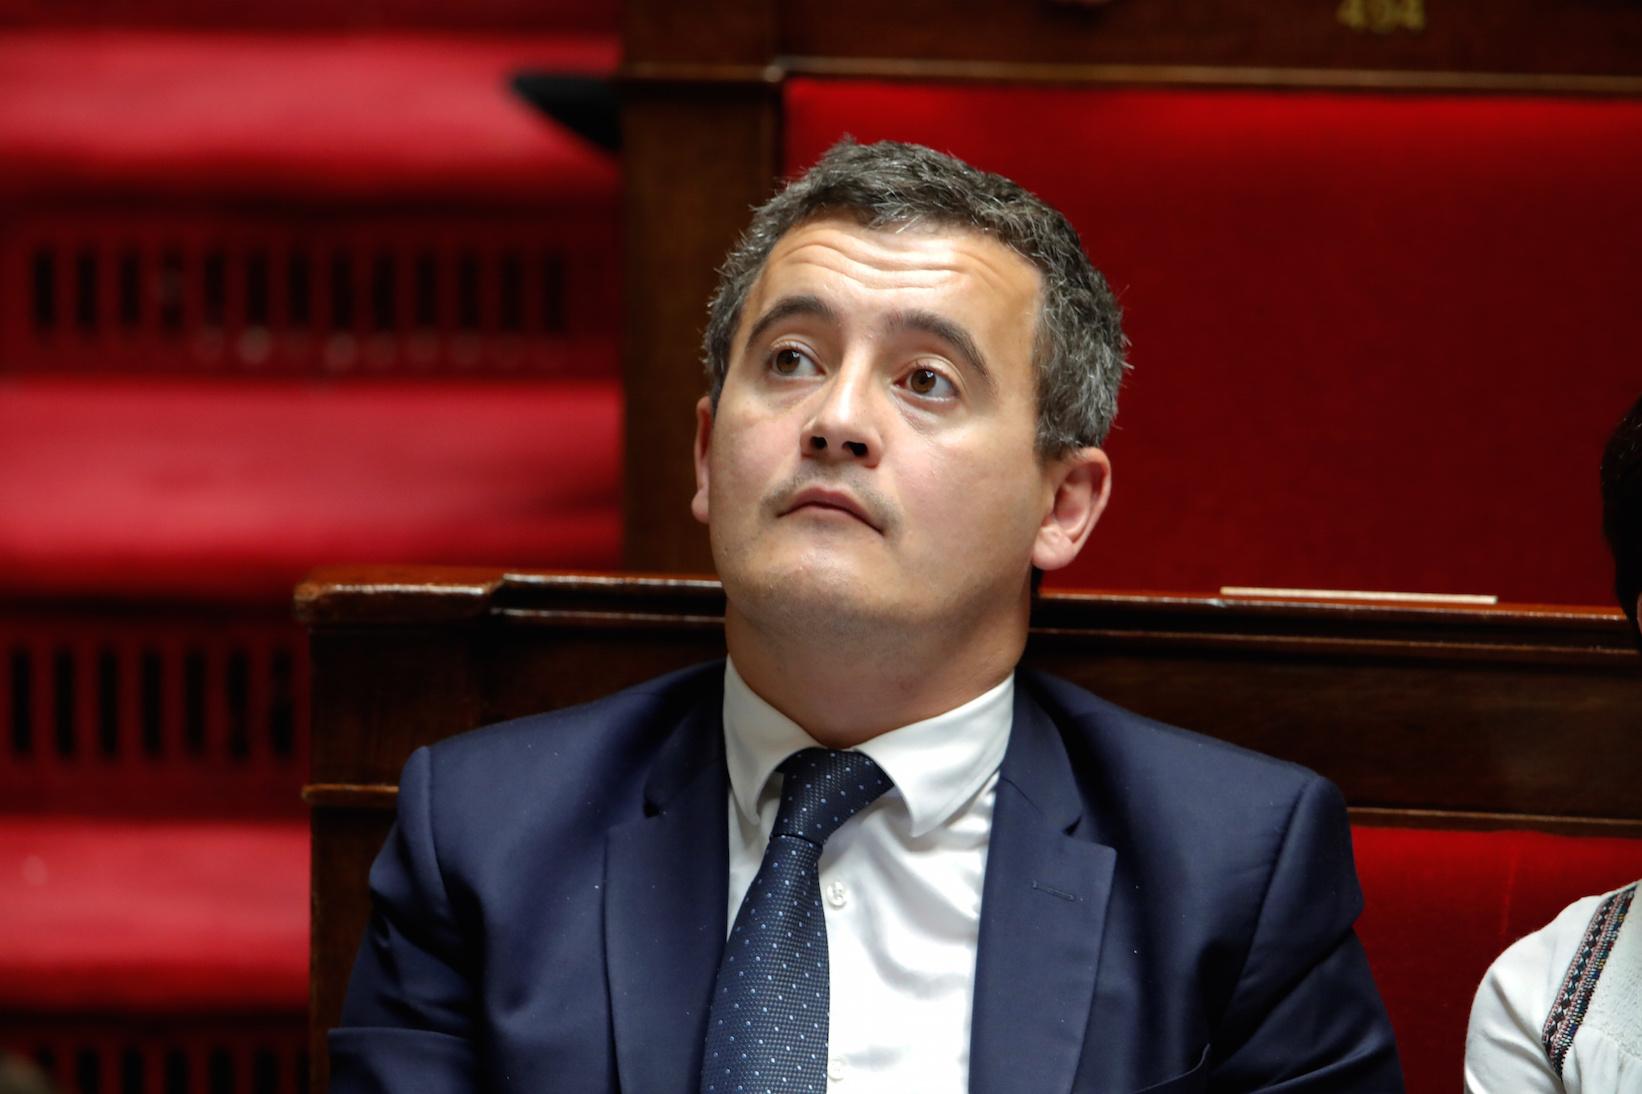 Le prélèvement à la source aggrave le déficit budgétaire de la France